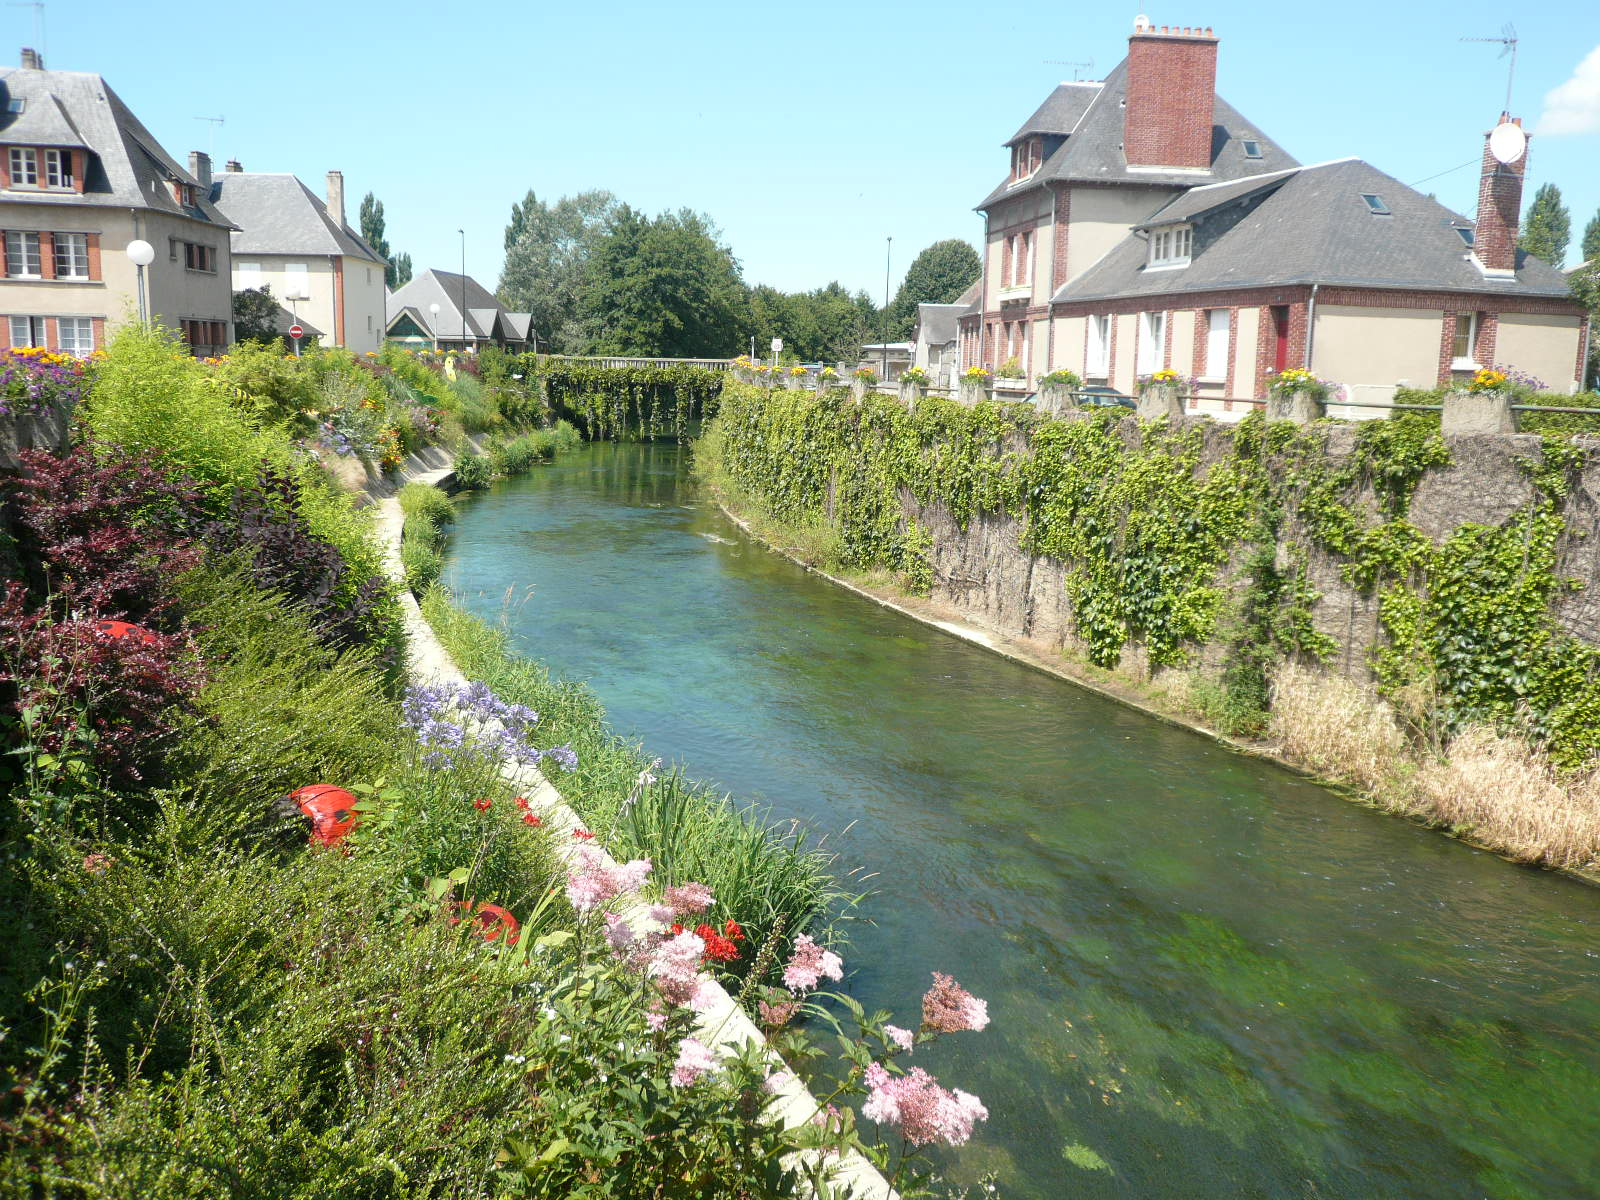 Touques-floden